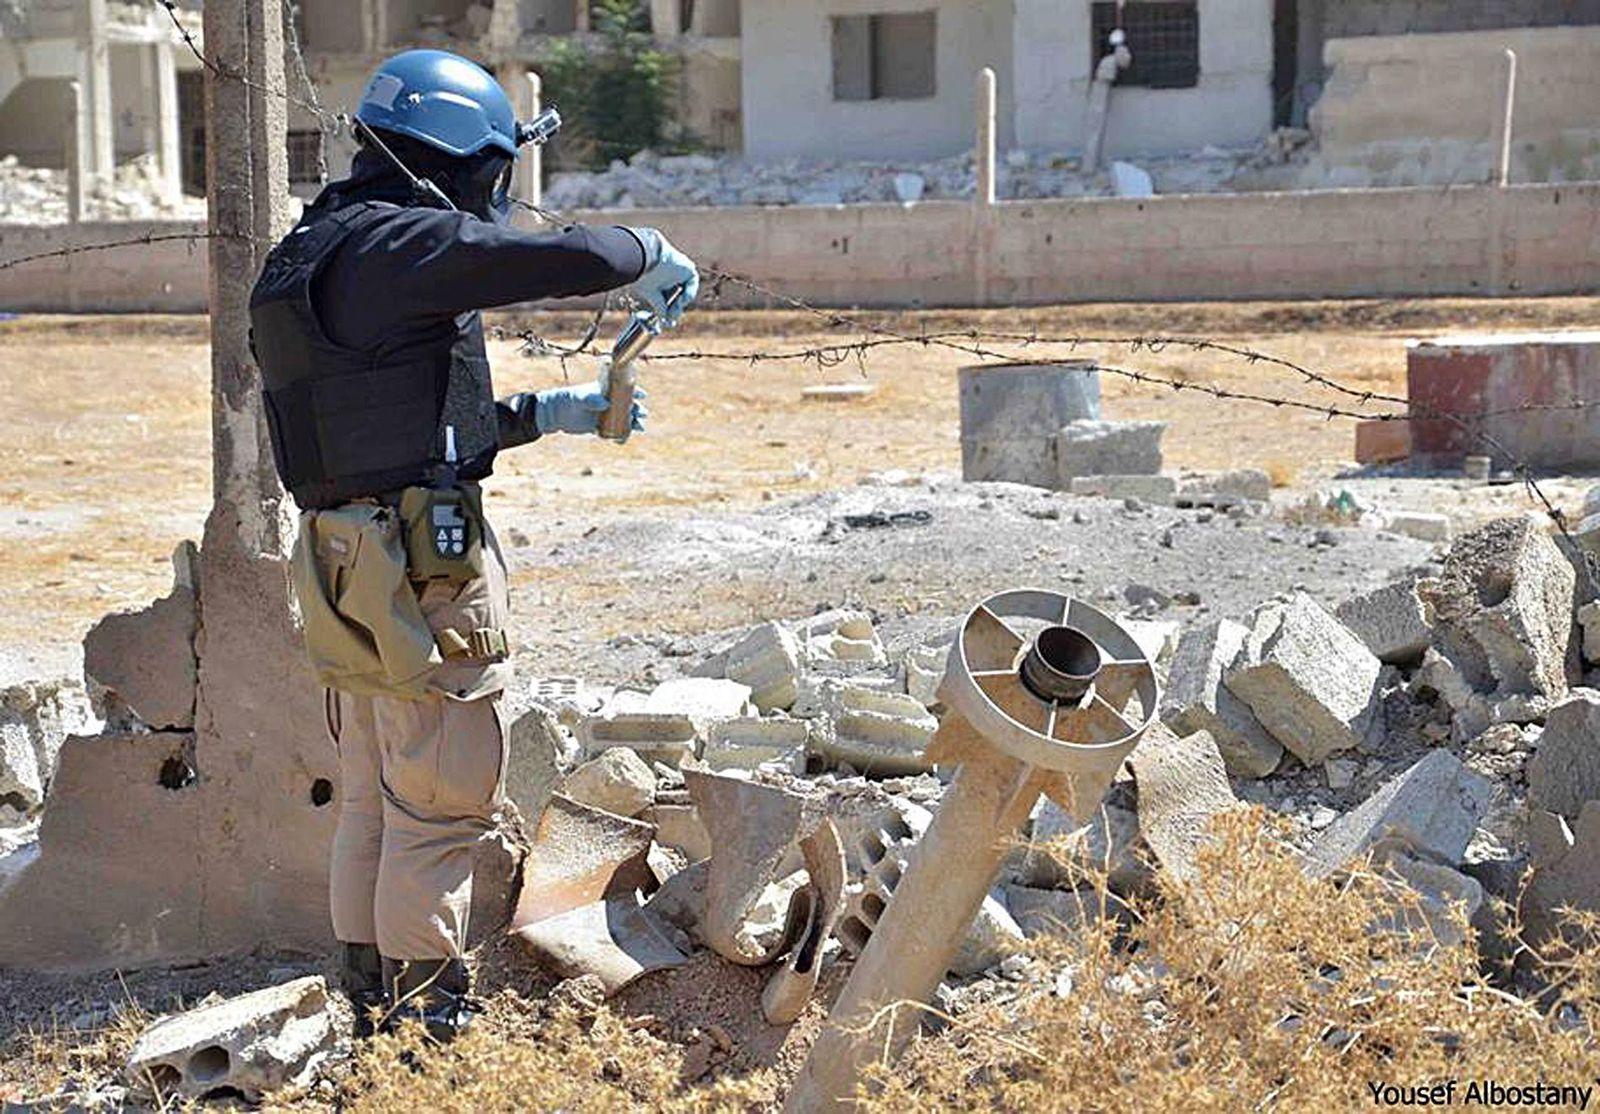 Syria UN Inspectors